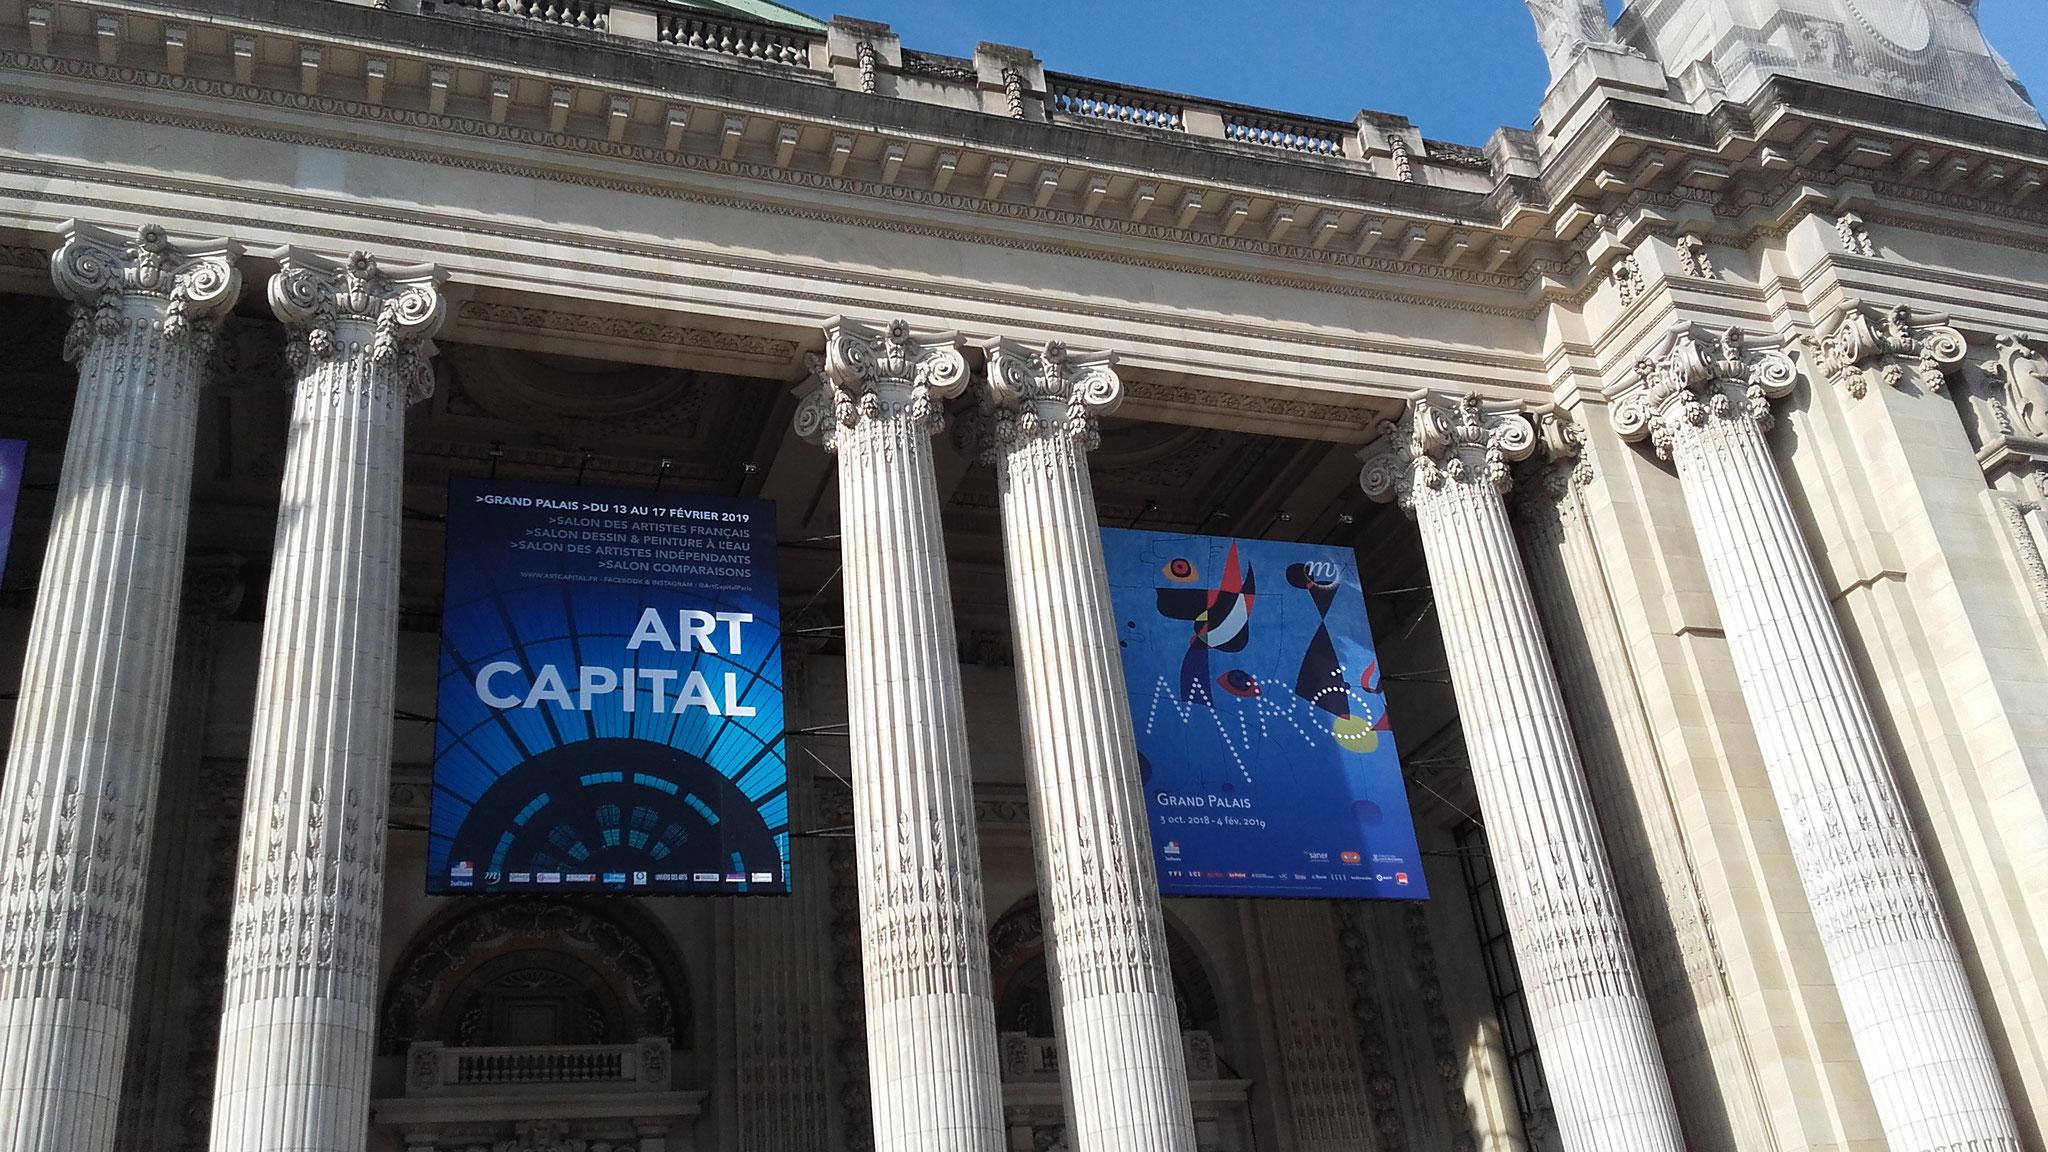 Art Capital au Grand Palais février 2019